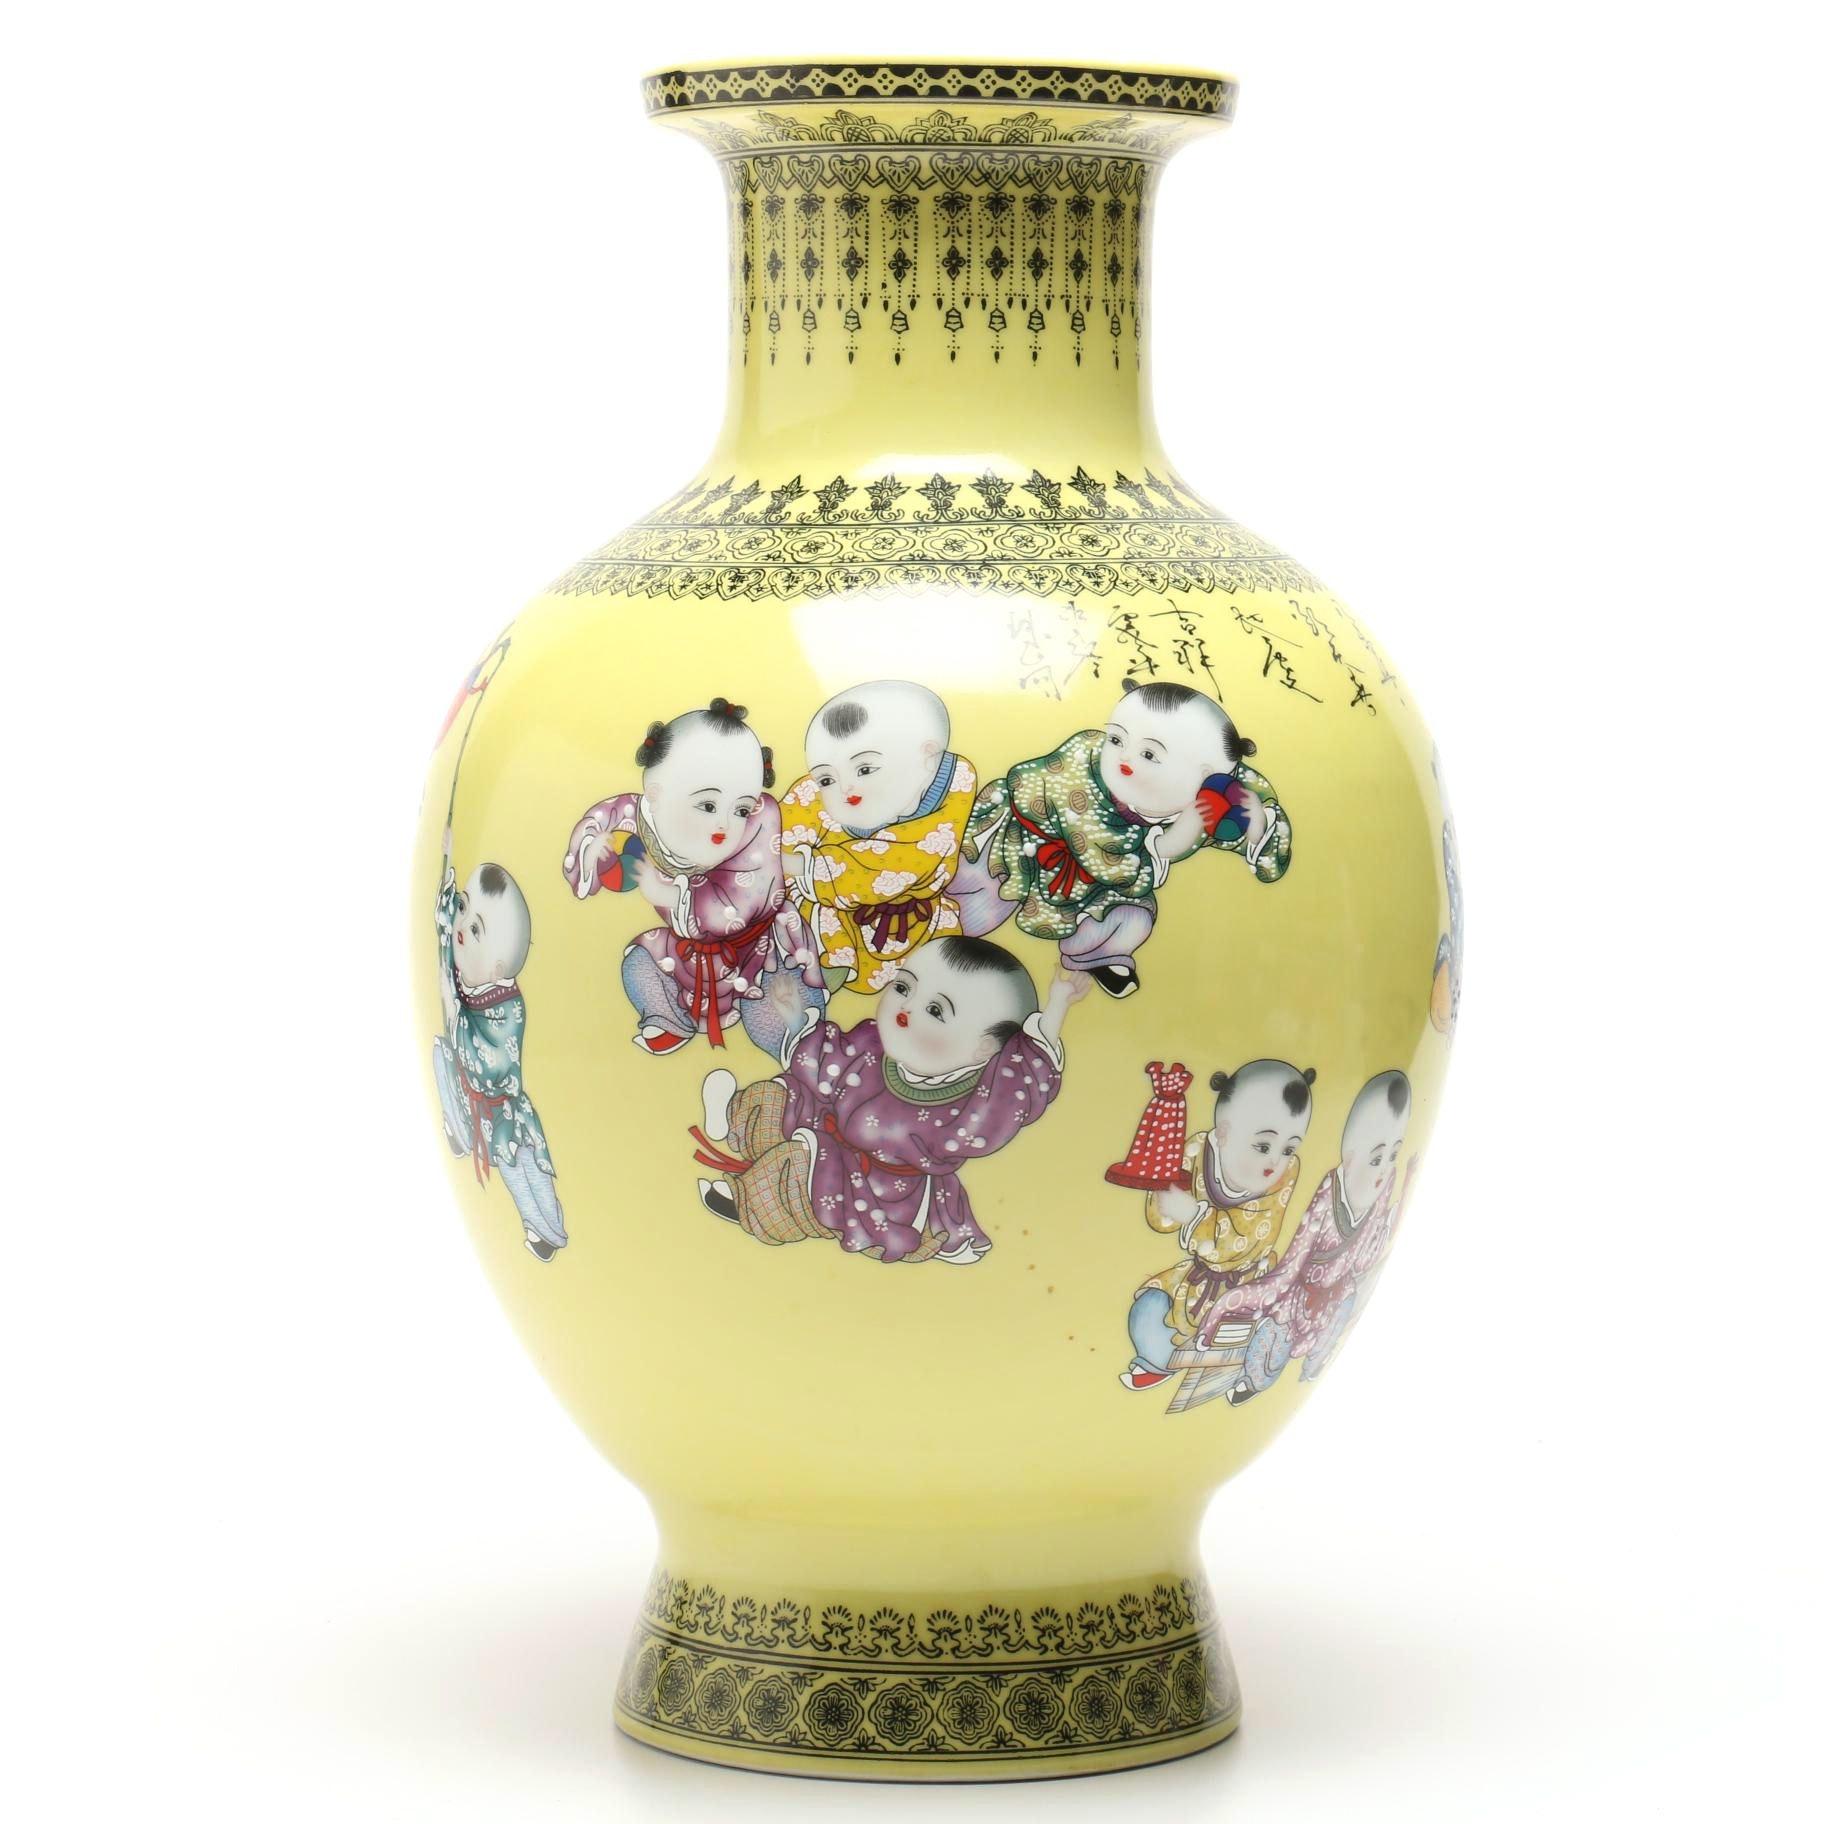 Chinese Ceramic Vase by Huang Kele